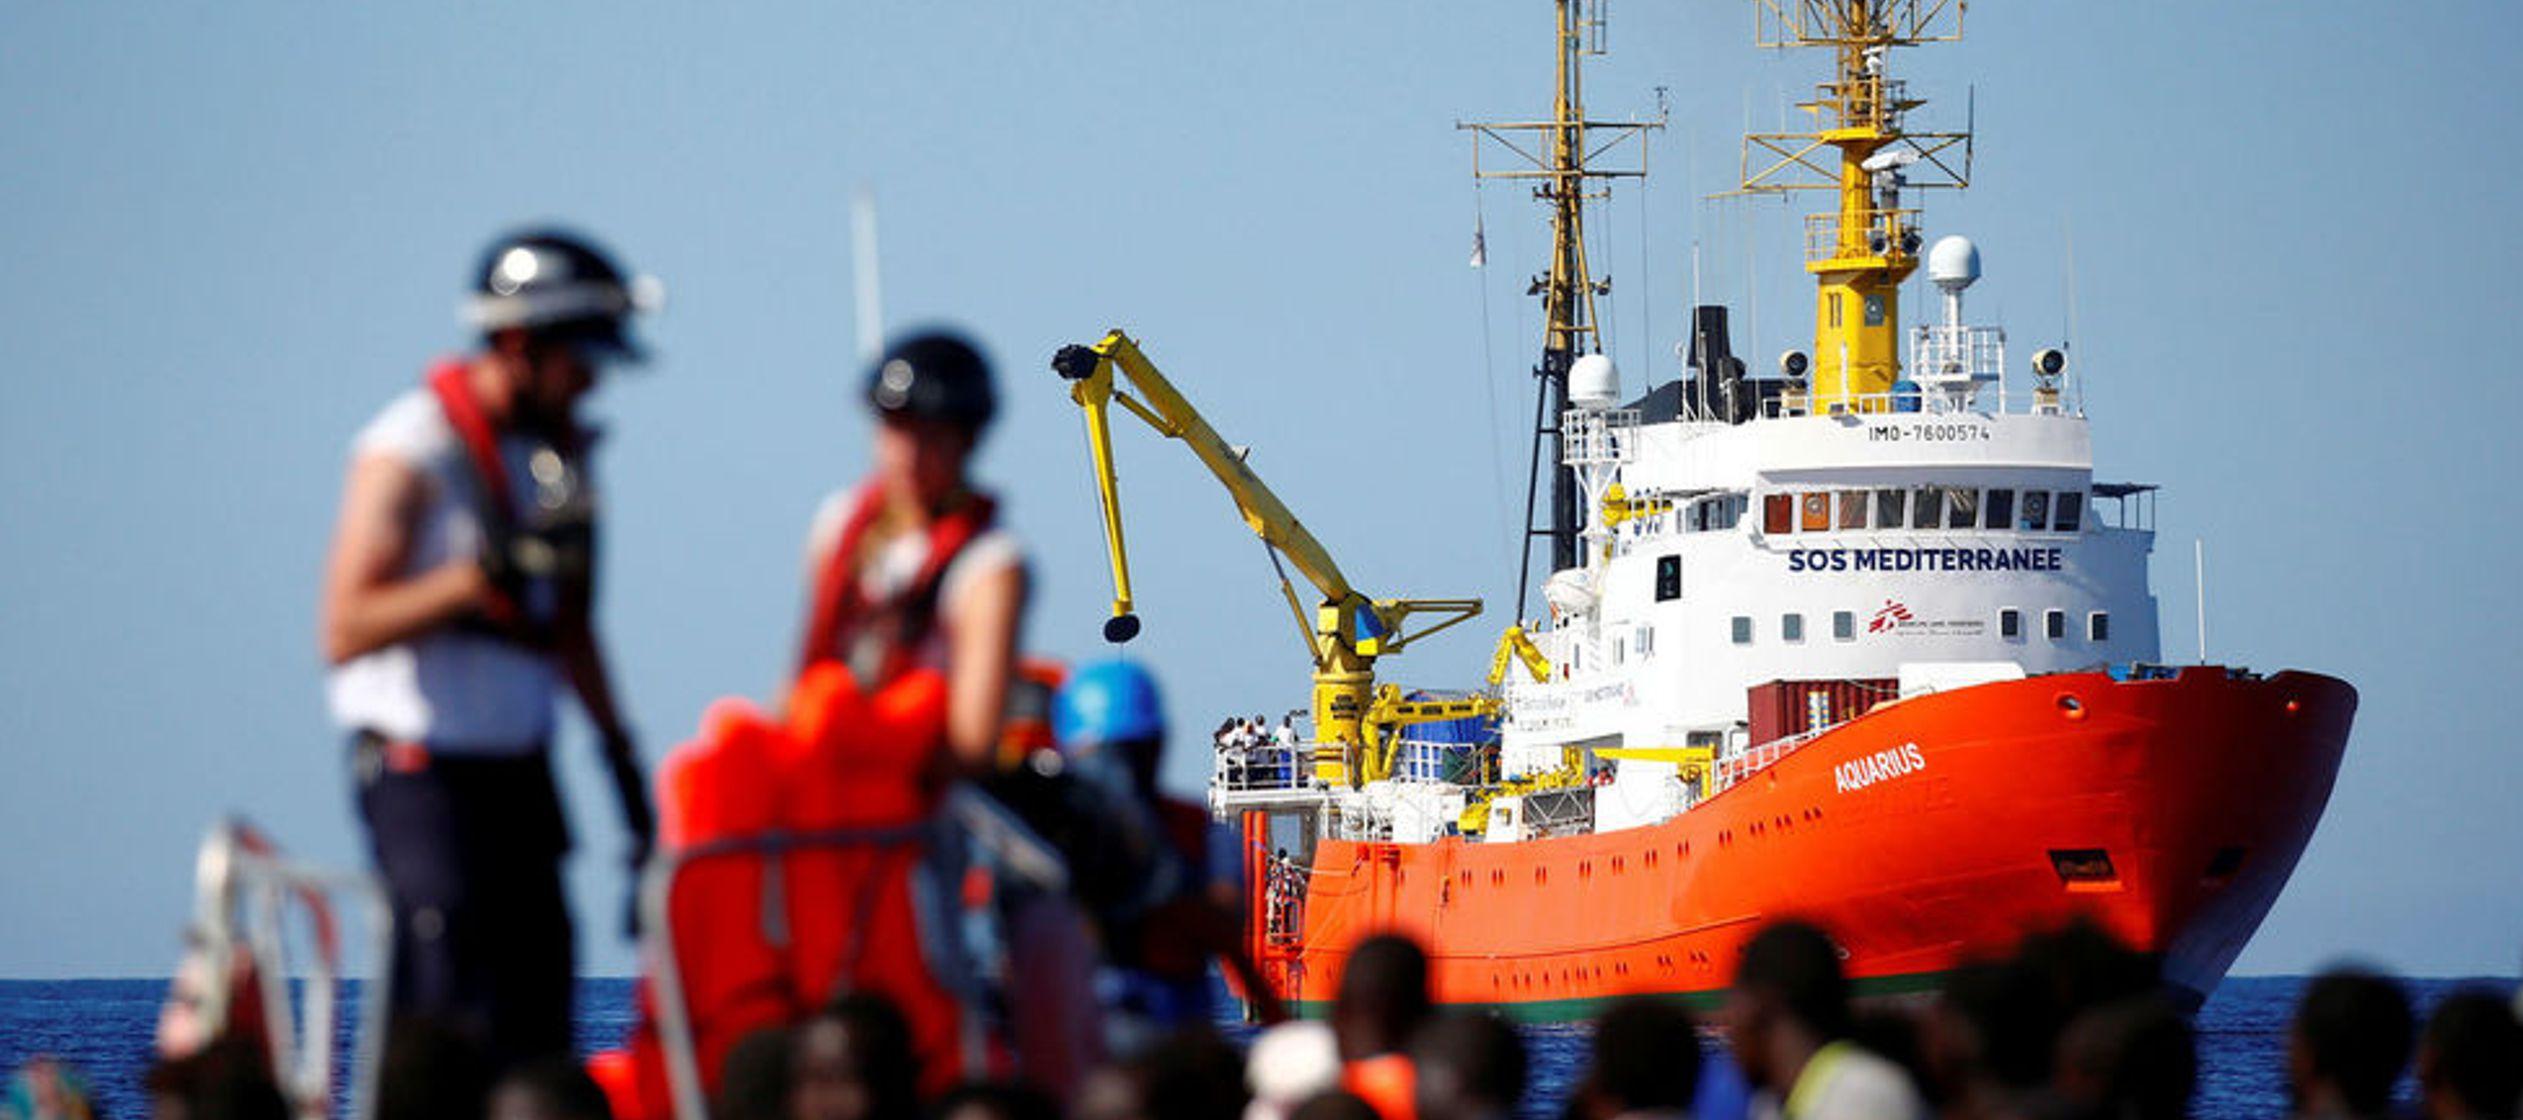 Entre estos inmigrantes rescatados en alta mar hay 123 menores no acompañados, 11 de ellos...